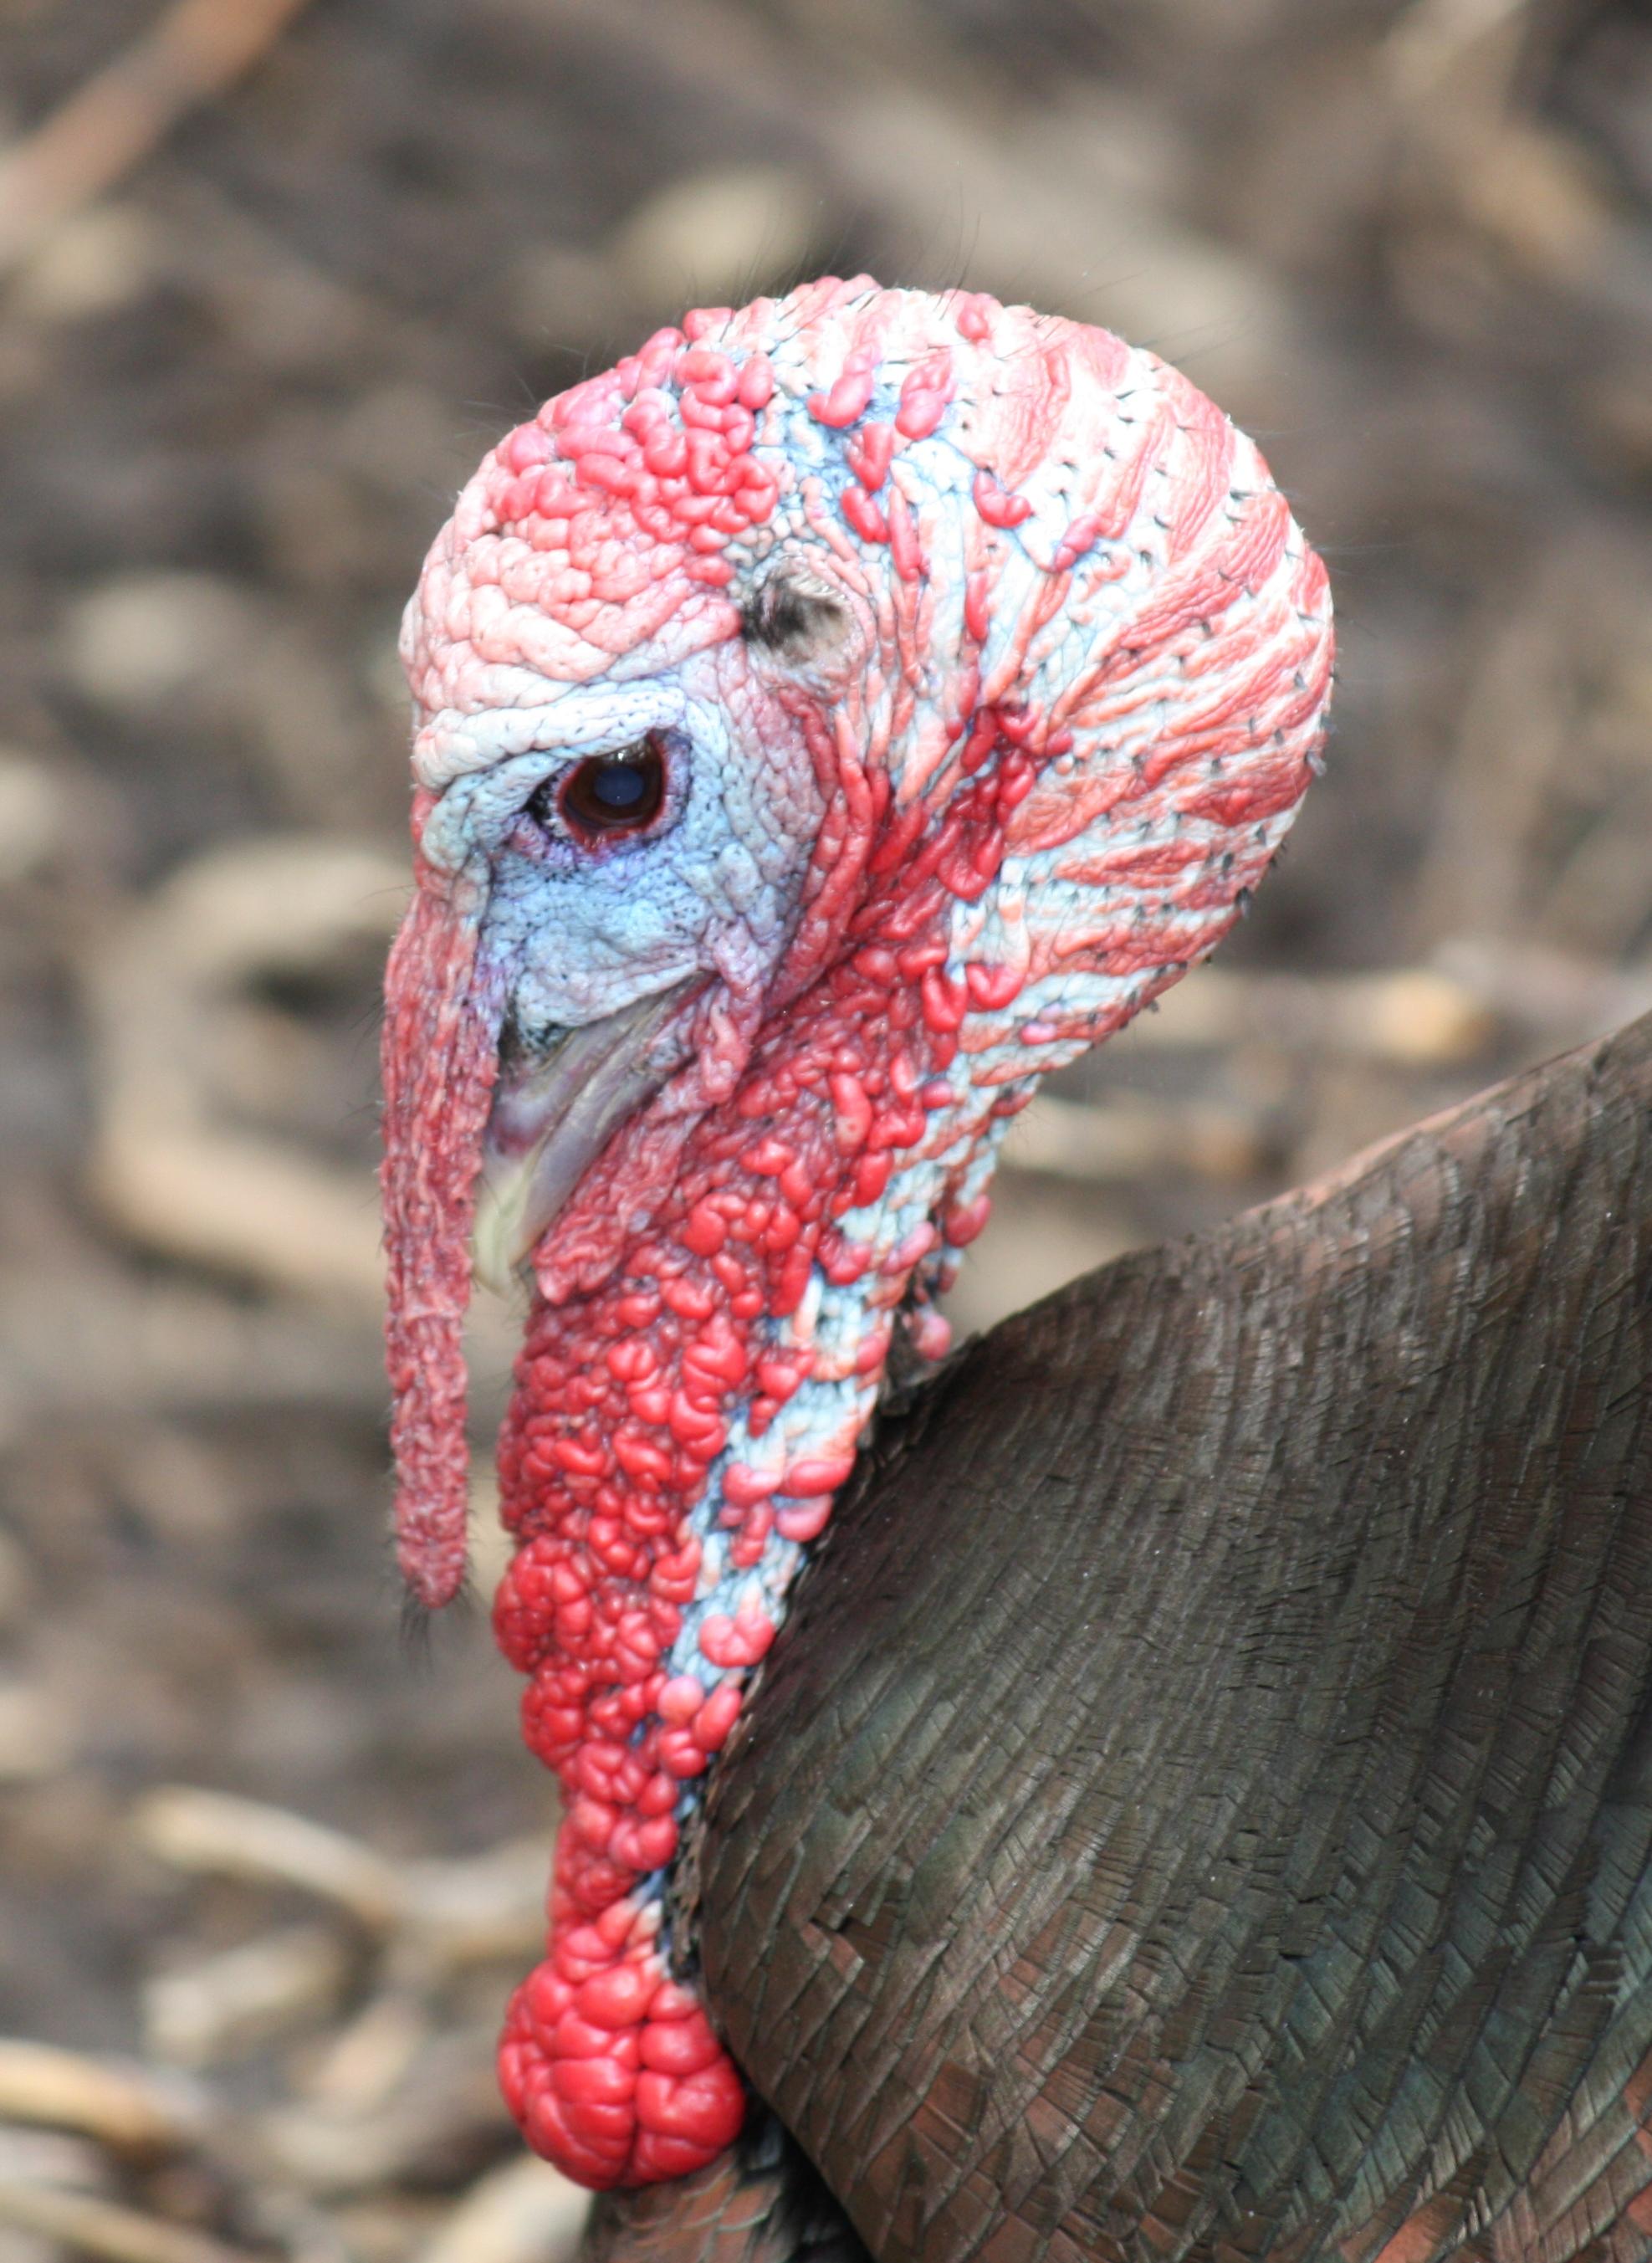 A description of the wild turkey